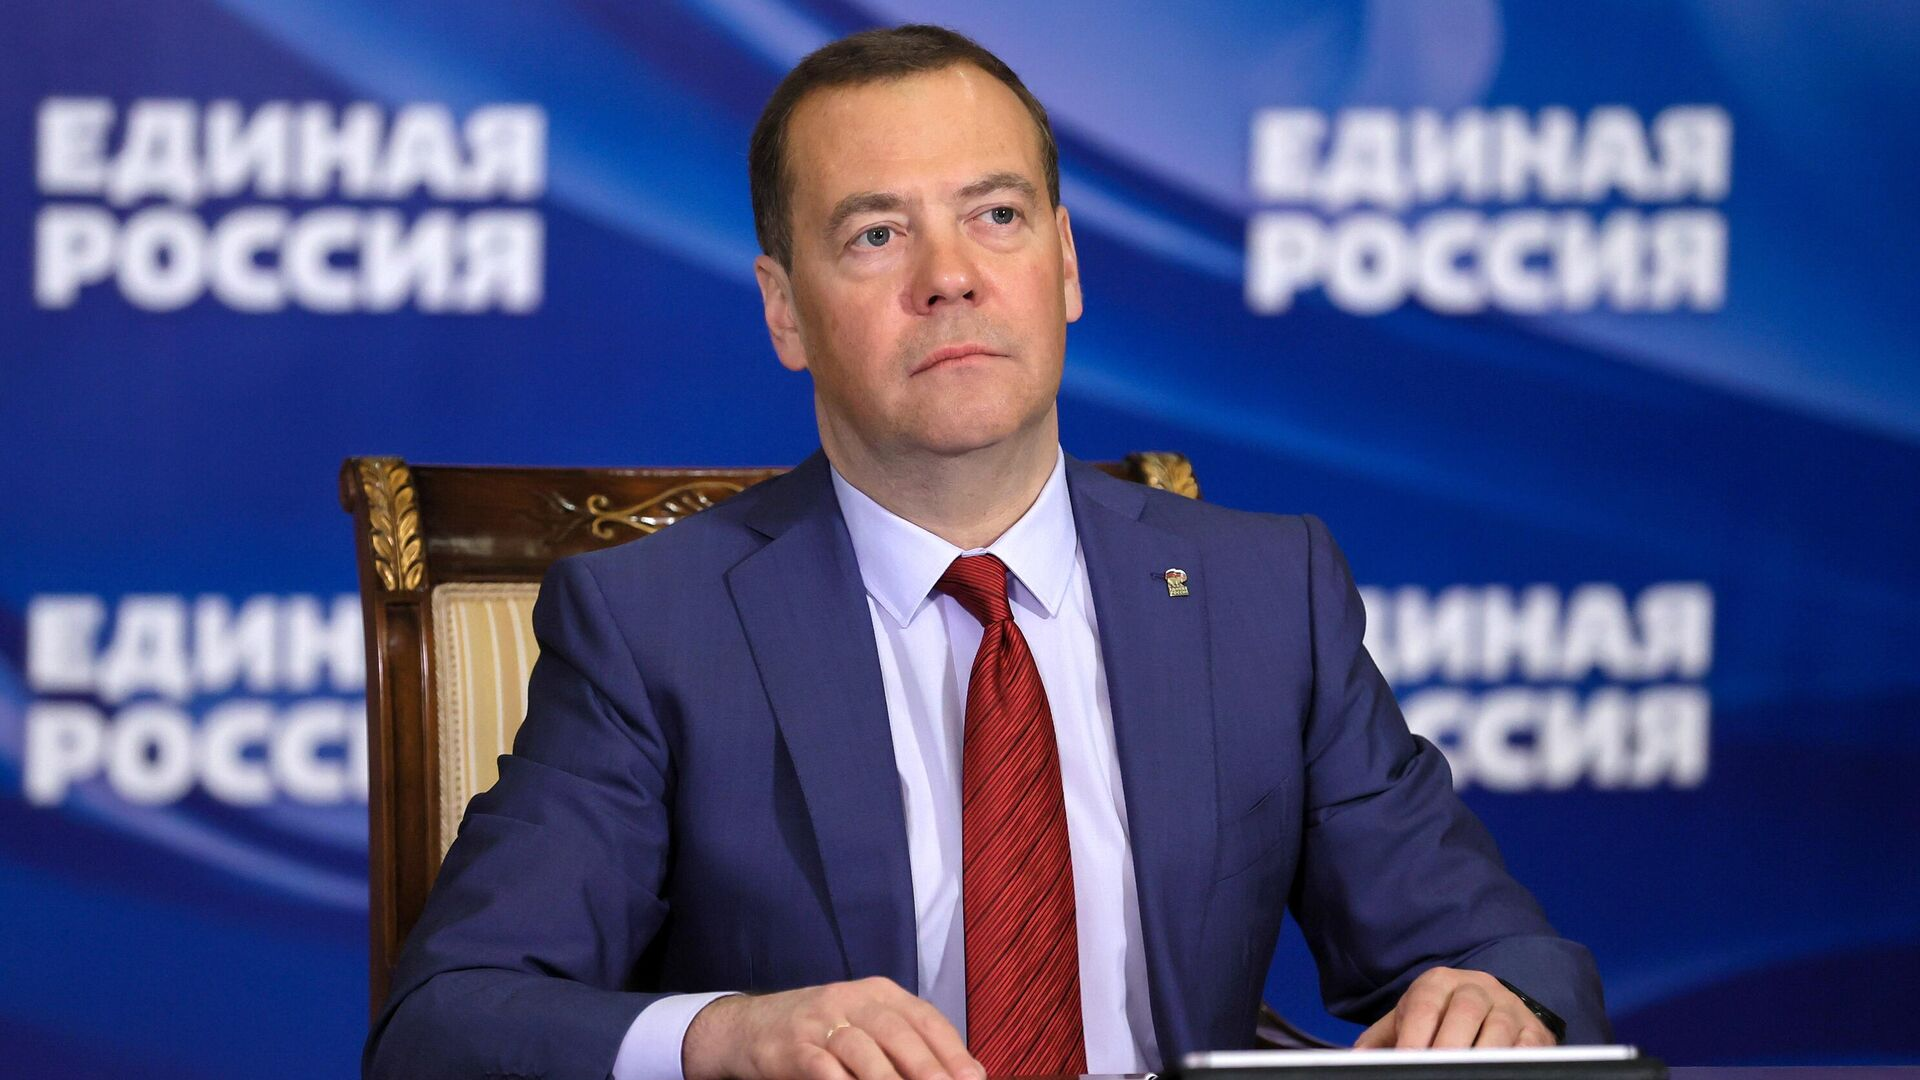 Председатель Всероссийской политической партии Единая Россия Дмитрий Медведев ведет прием граждан в режиме видеоконференции - РИА Новости, 1920, 14.04.2021